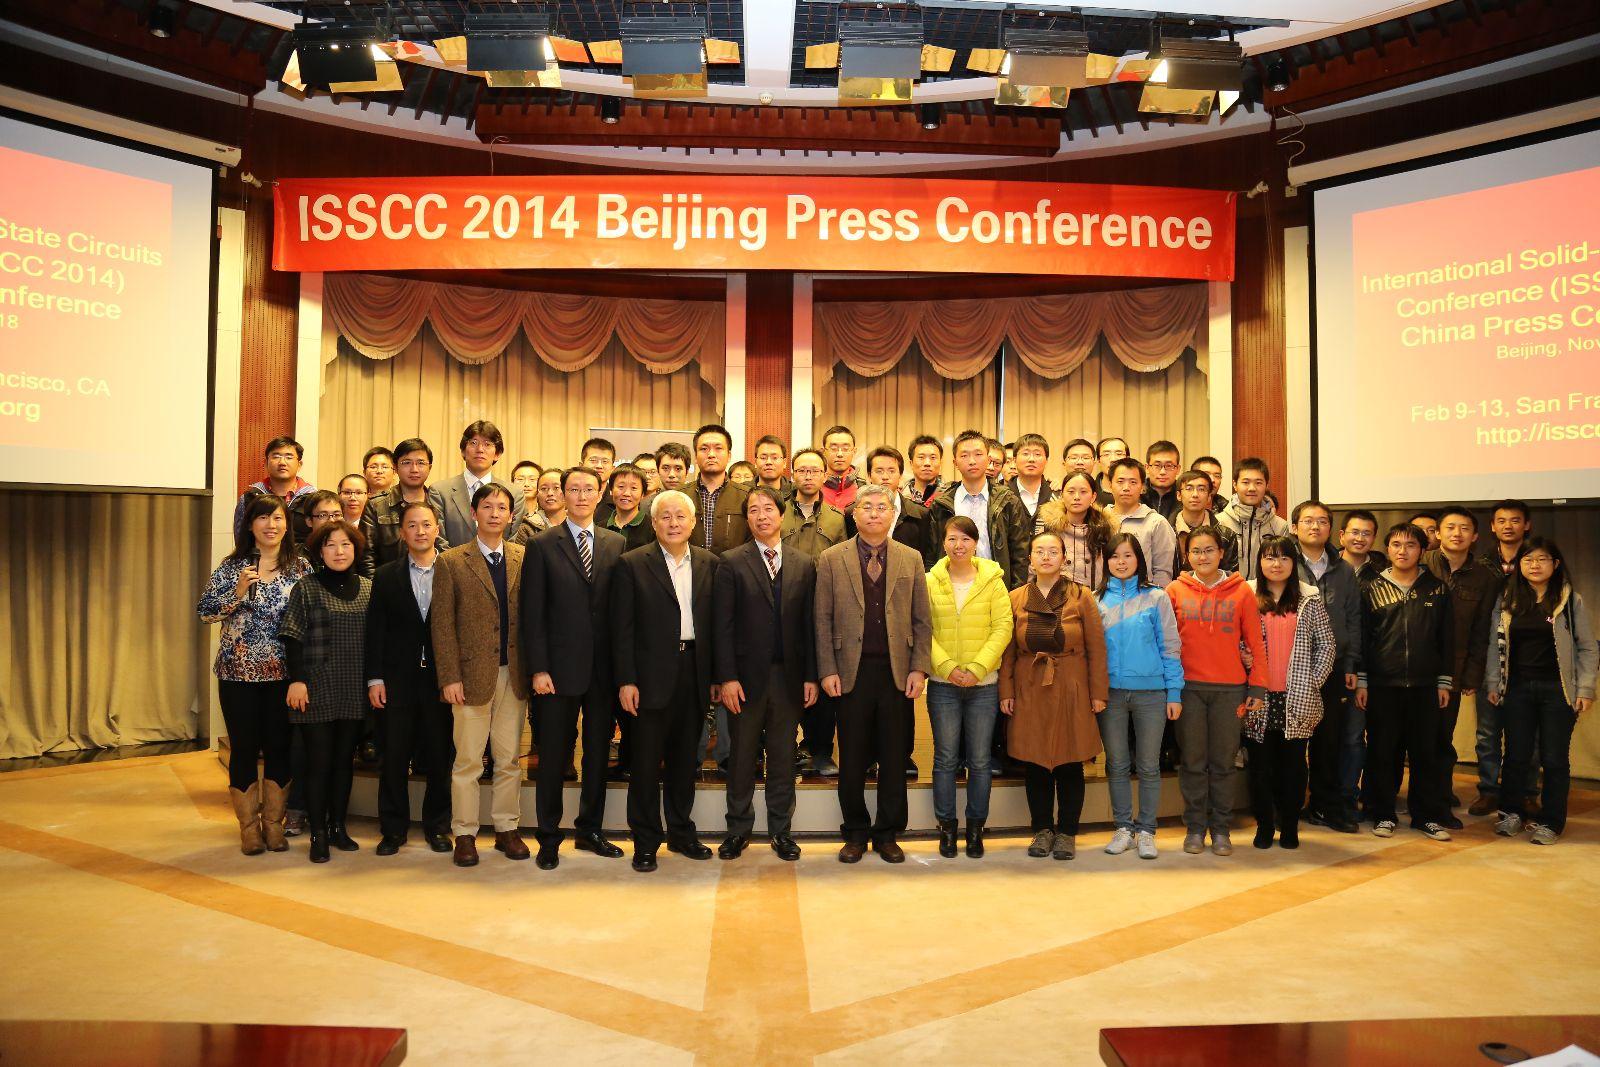 从ISSCC 2014看集成电路的发展趋势